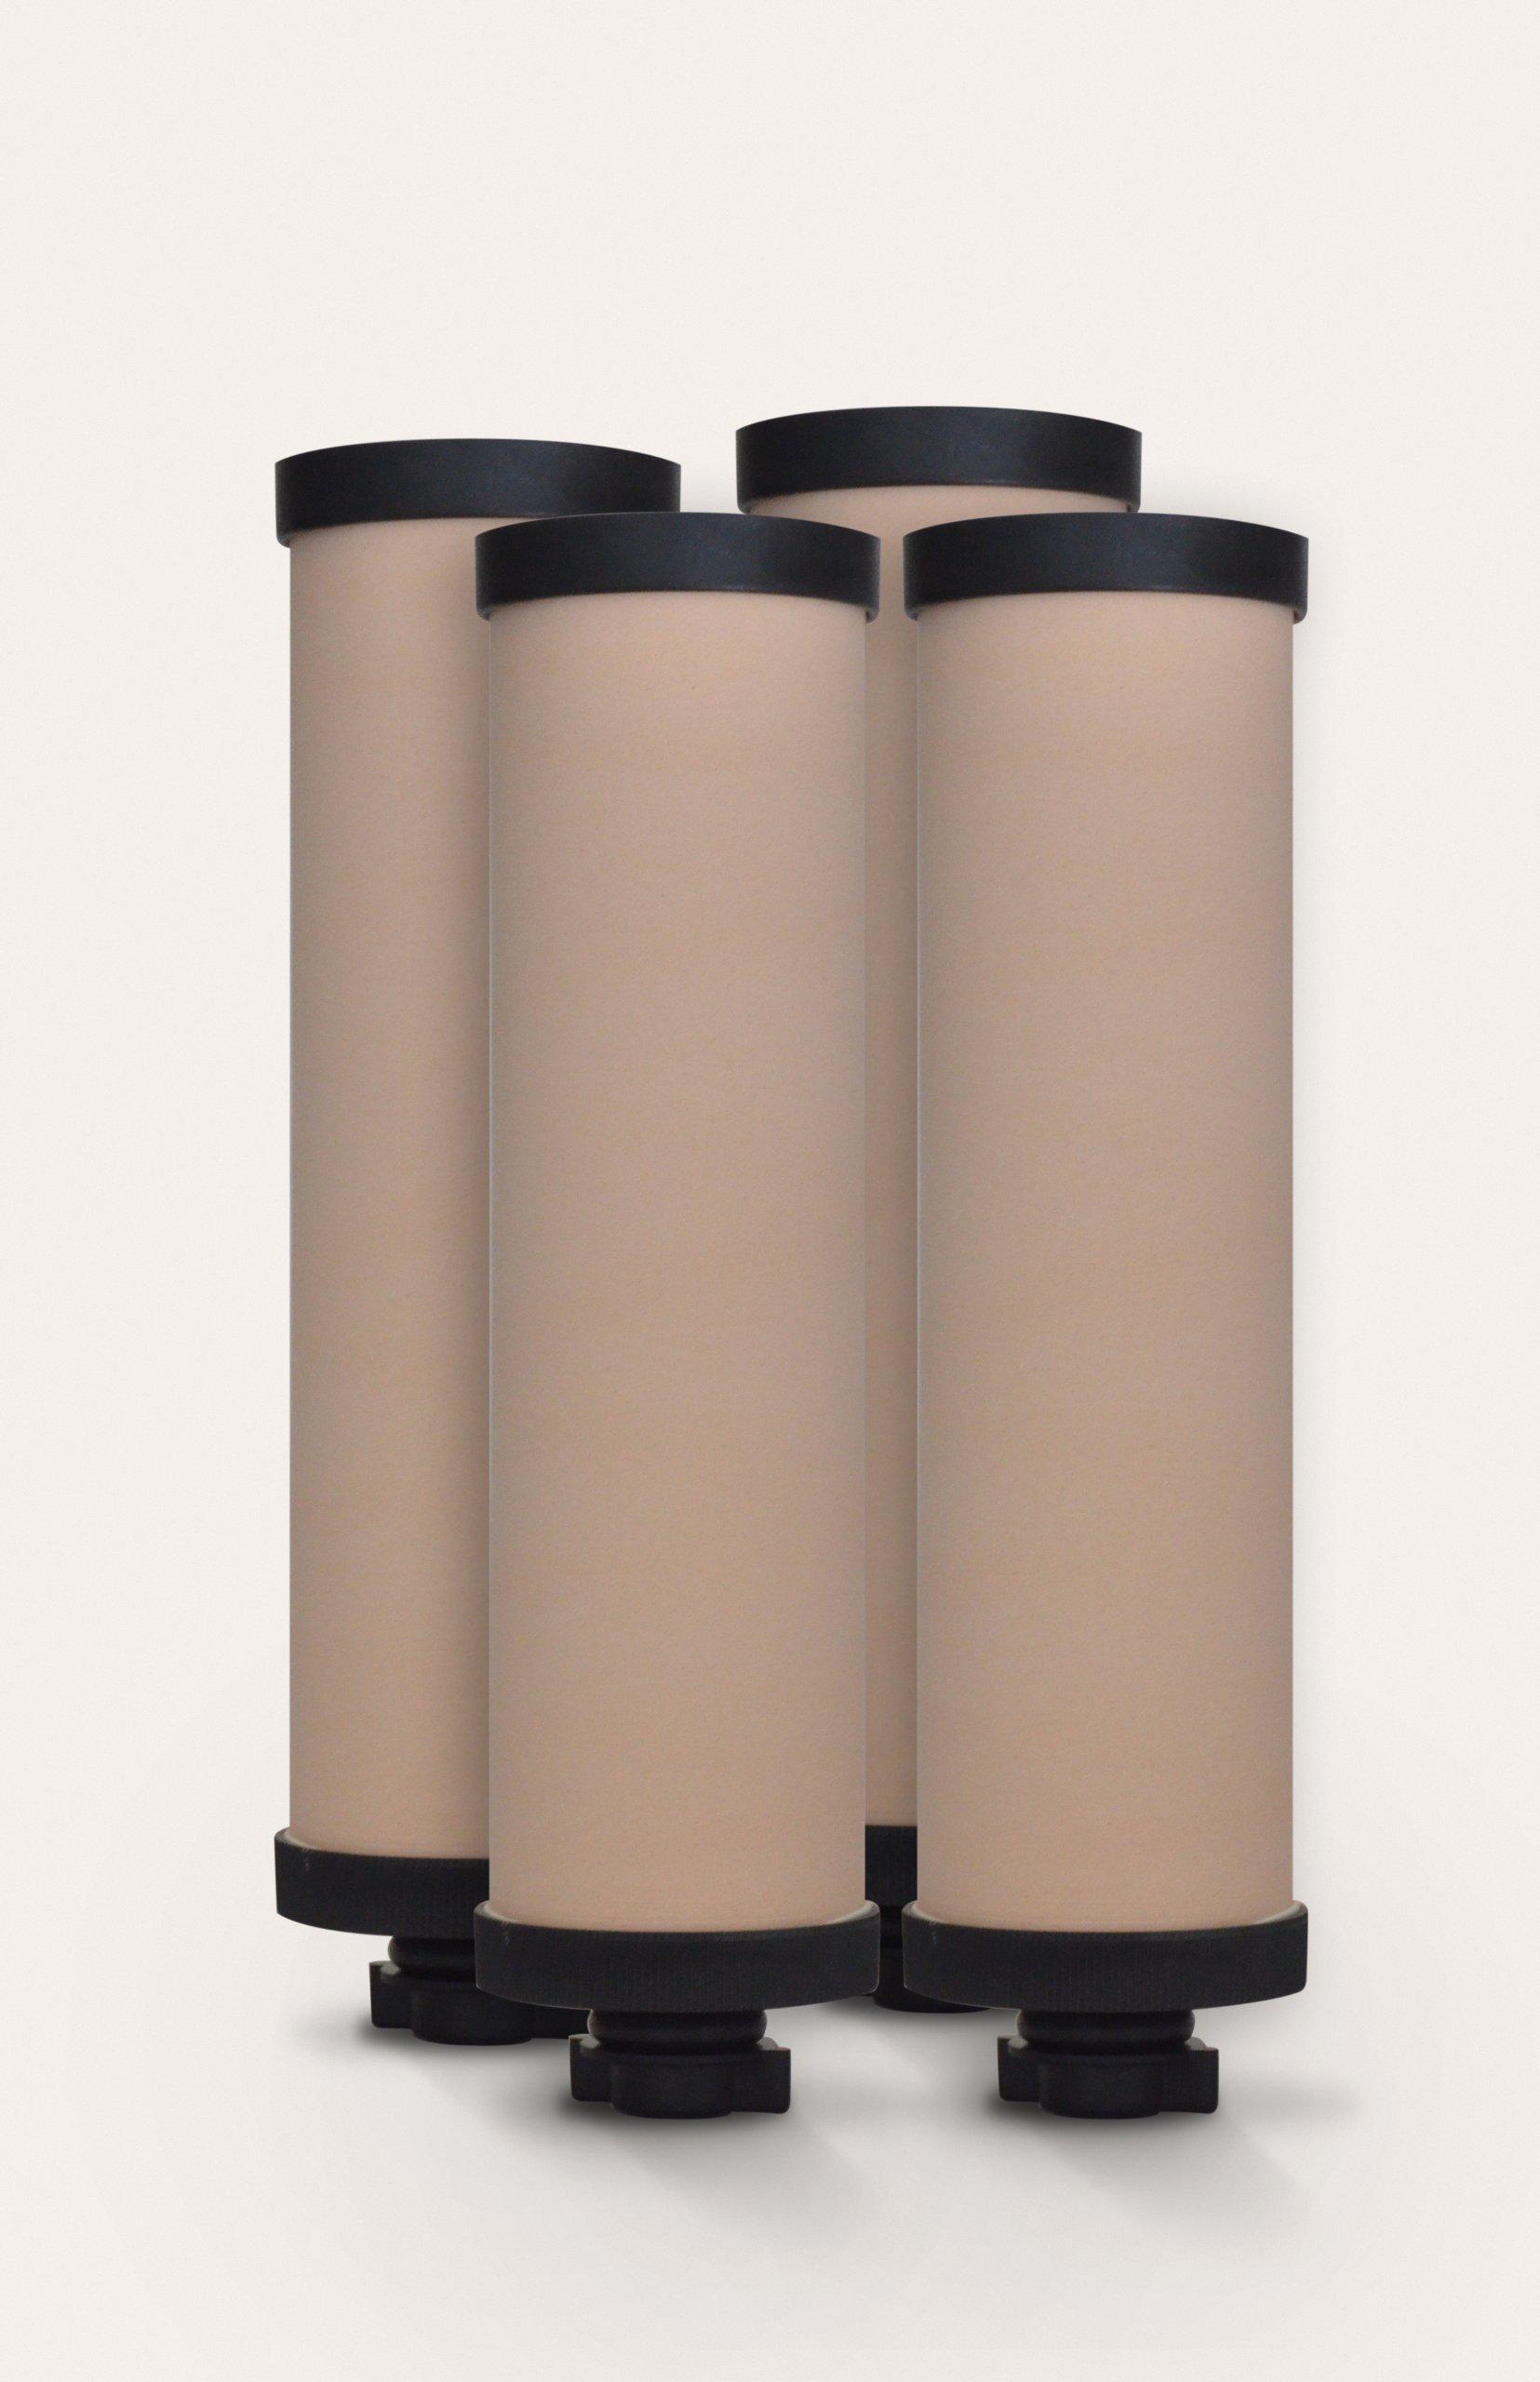 AquaRain 4-Pack of Ceramic Elements